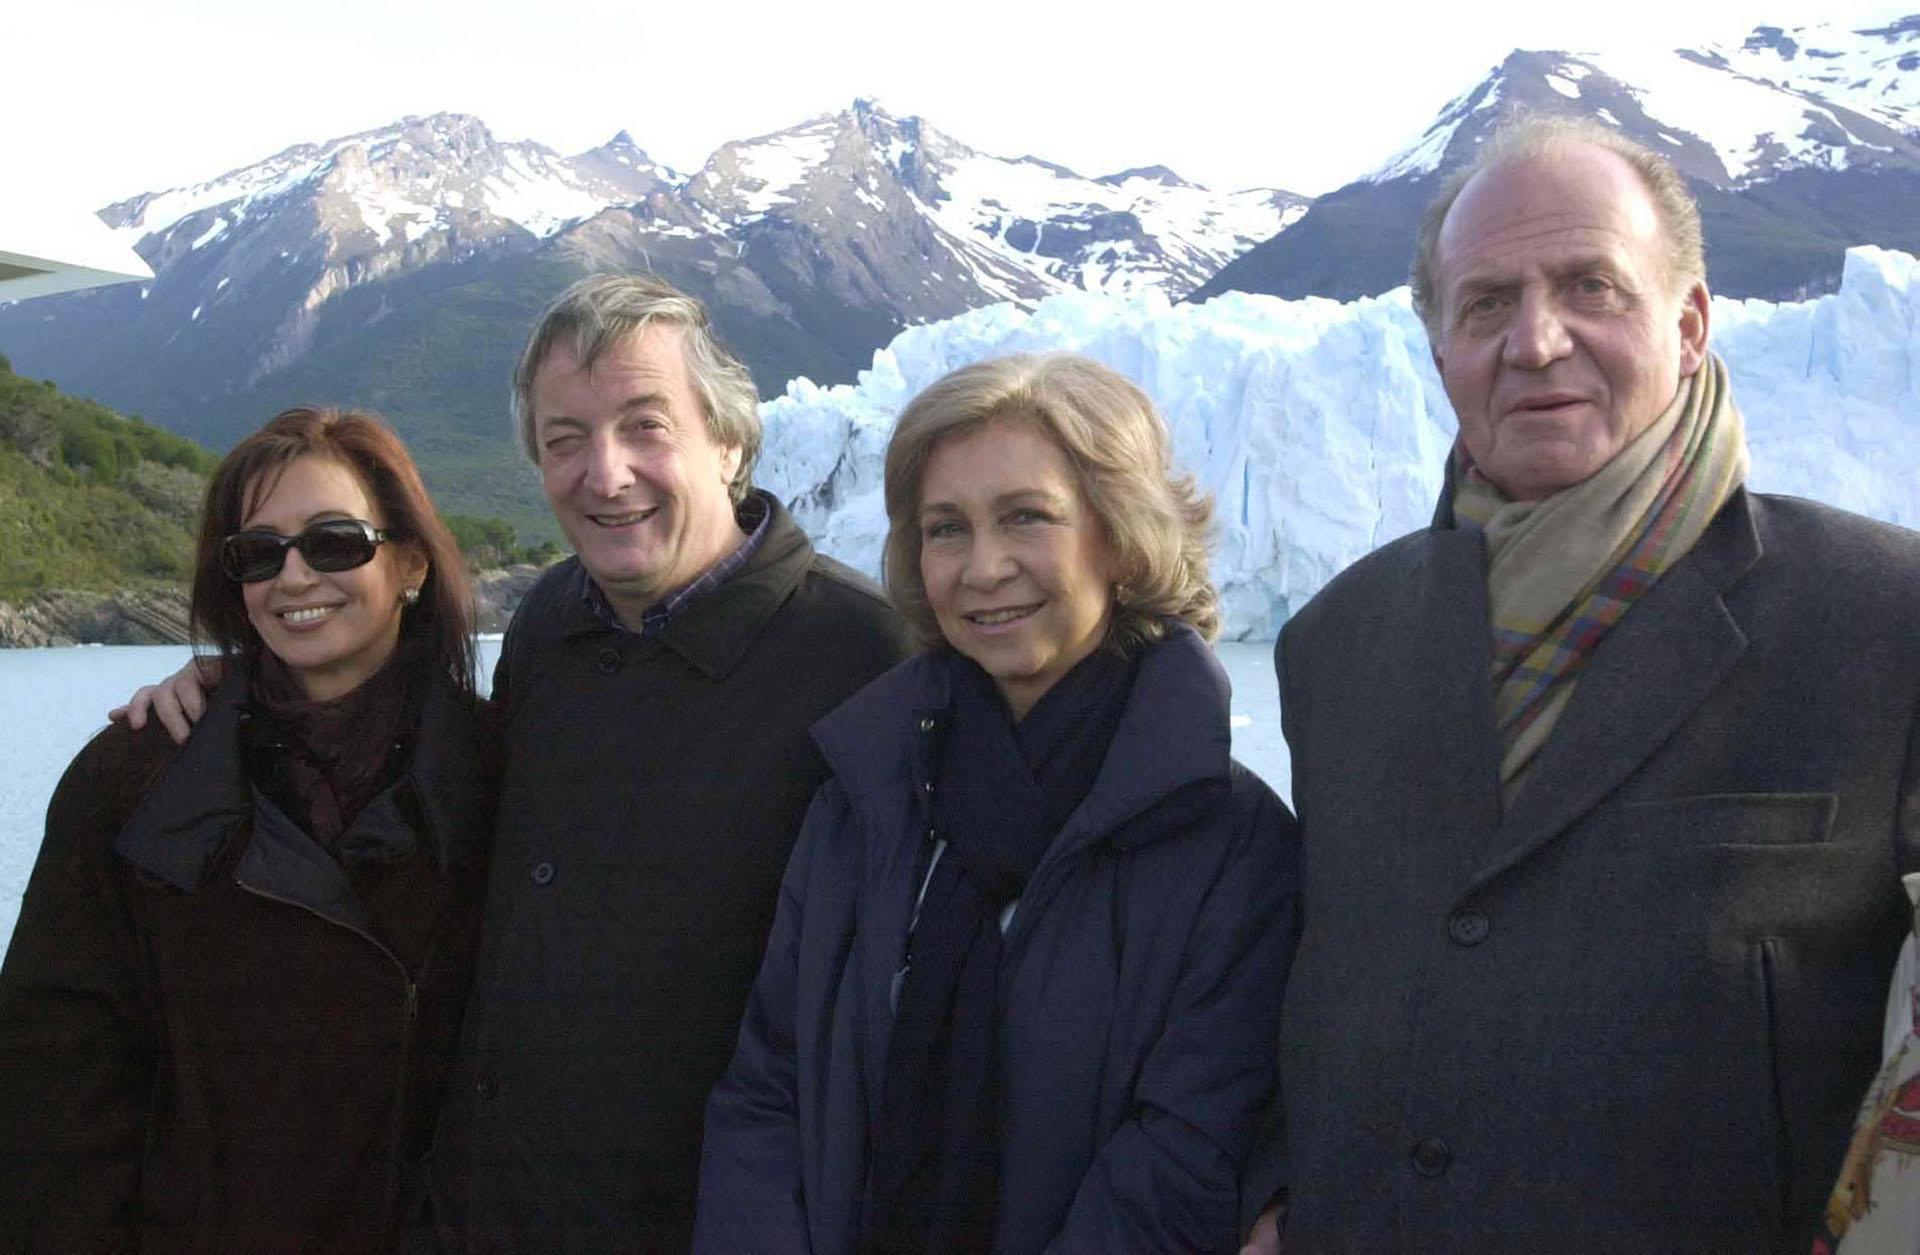 El presidente Néstor Kirchner y su esposa Cristina junto a los reyes de España. Juan Carlos y Sofía, durante la visita que hicieron al glaciar Perito Moreno